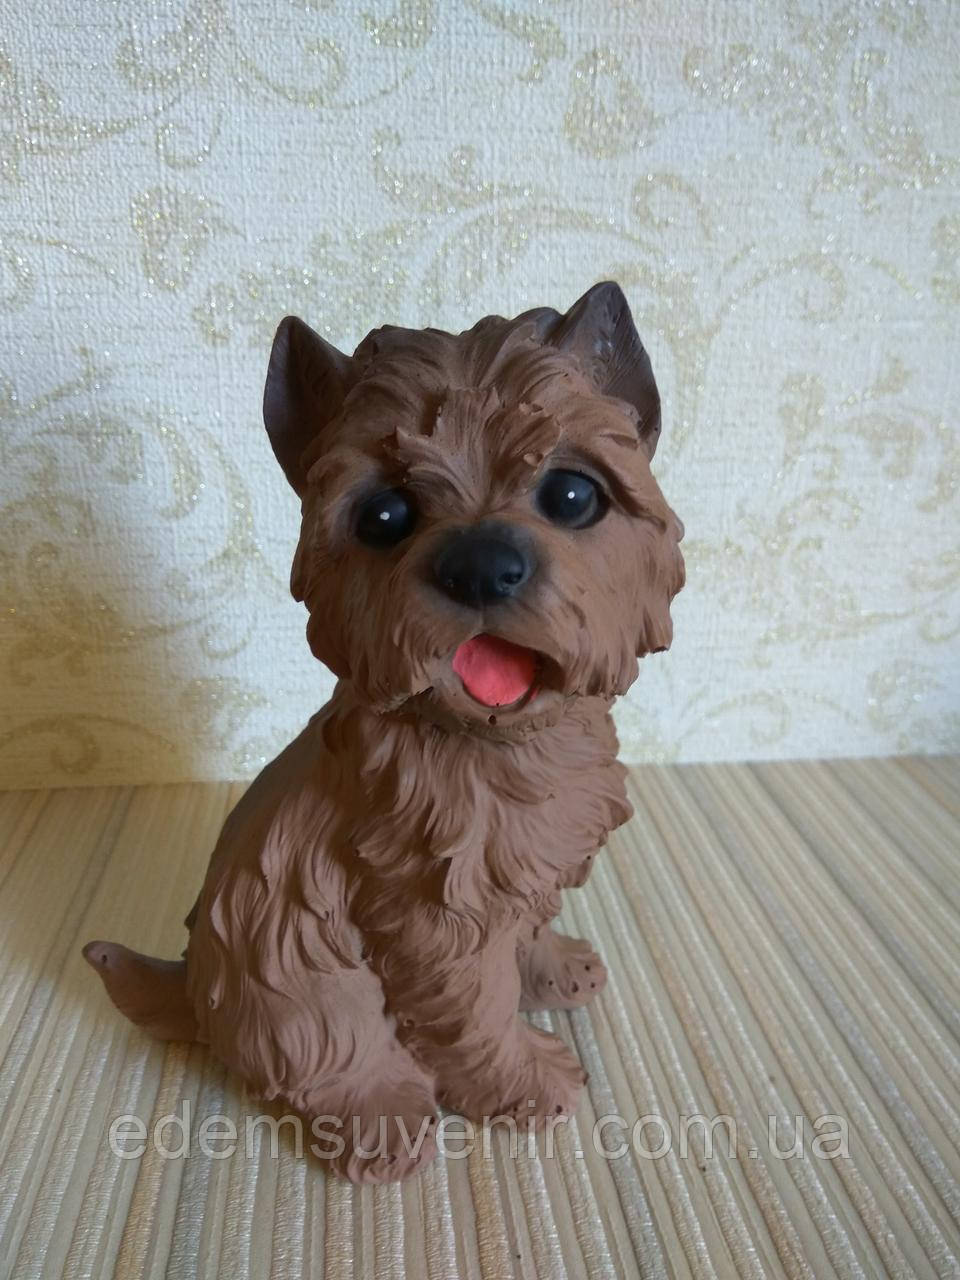 Статуэтка собачка Йоркширский терьер коричневый